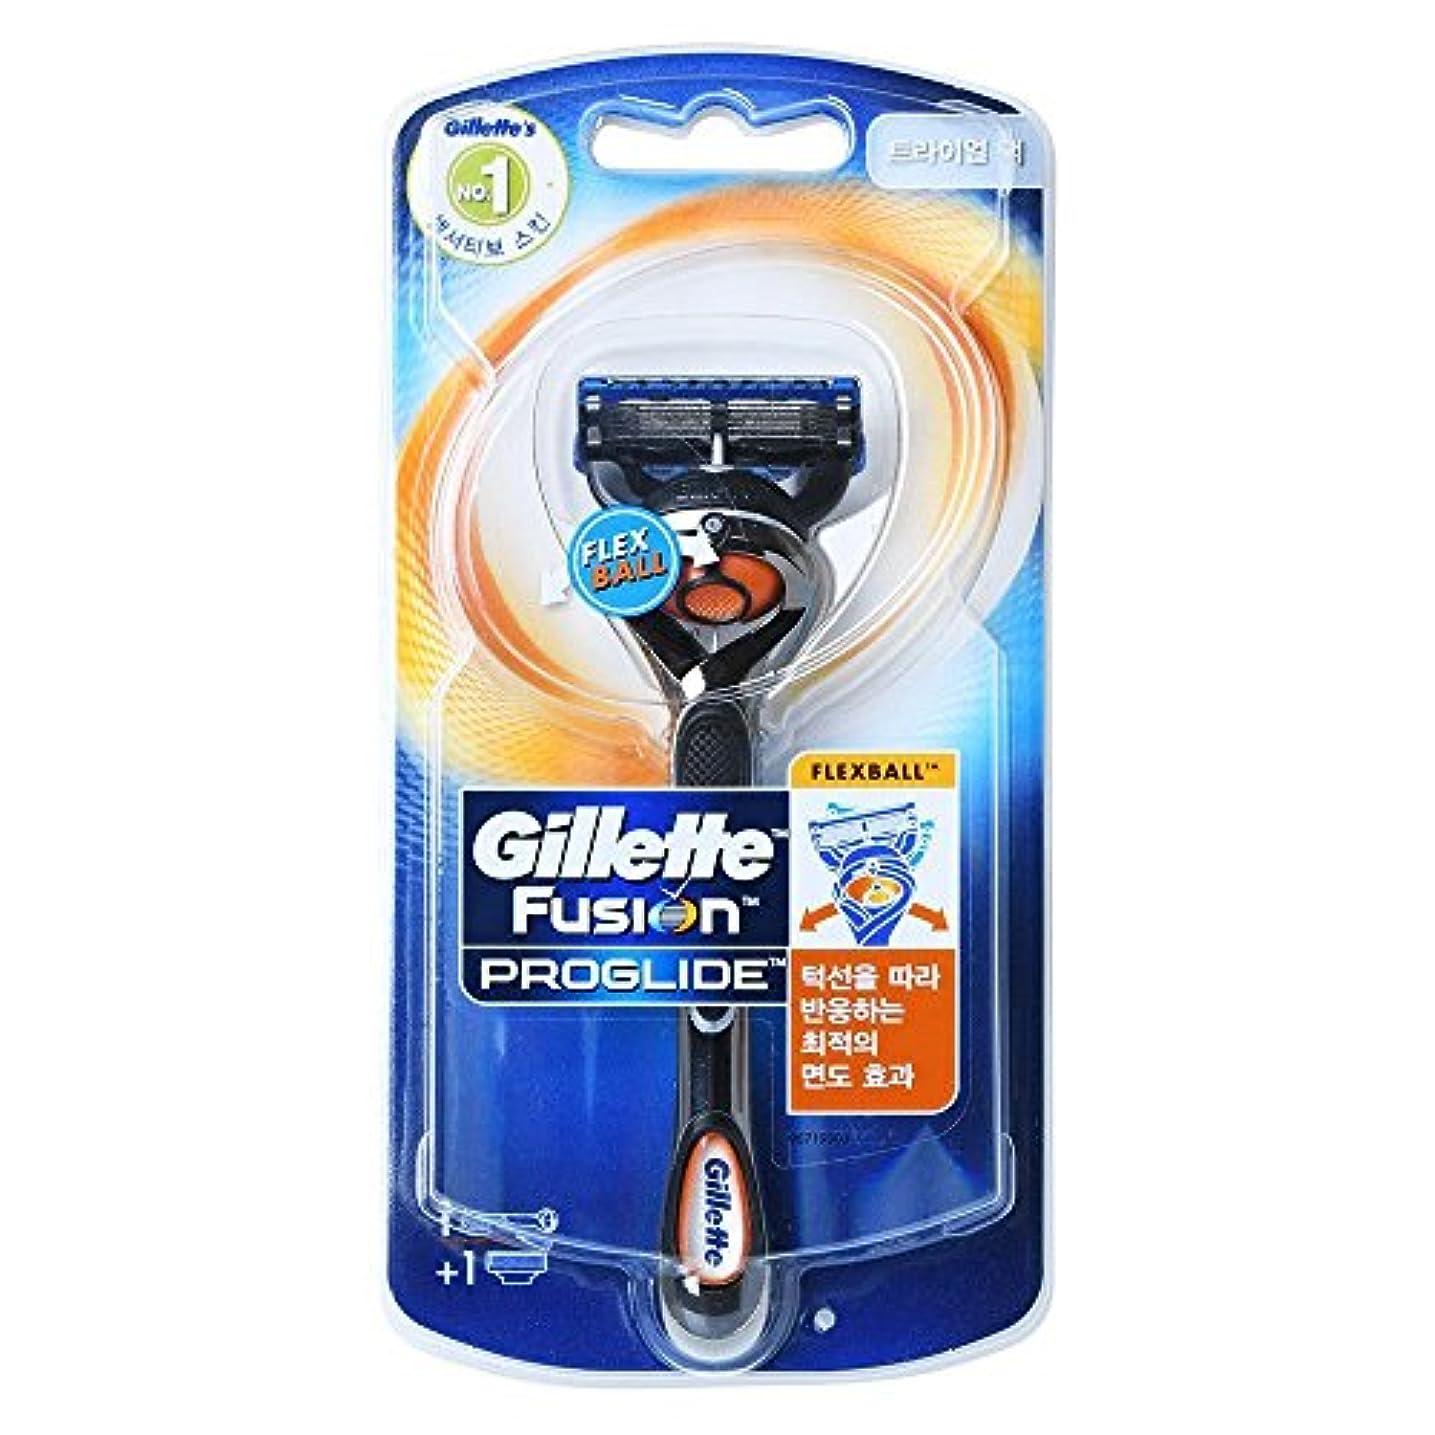 手荷物再集計ファランクスGillette Fusion Proglide Flexball Men's 1本のカミソリ1本でカミソリ1本 Trial pack [並行輸入品]